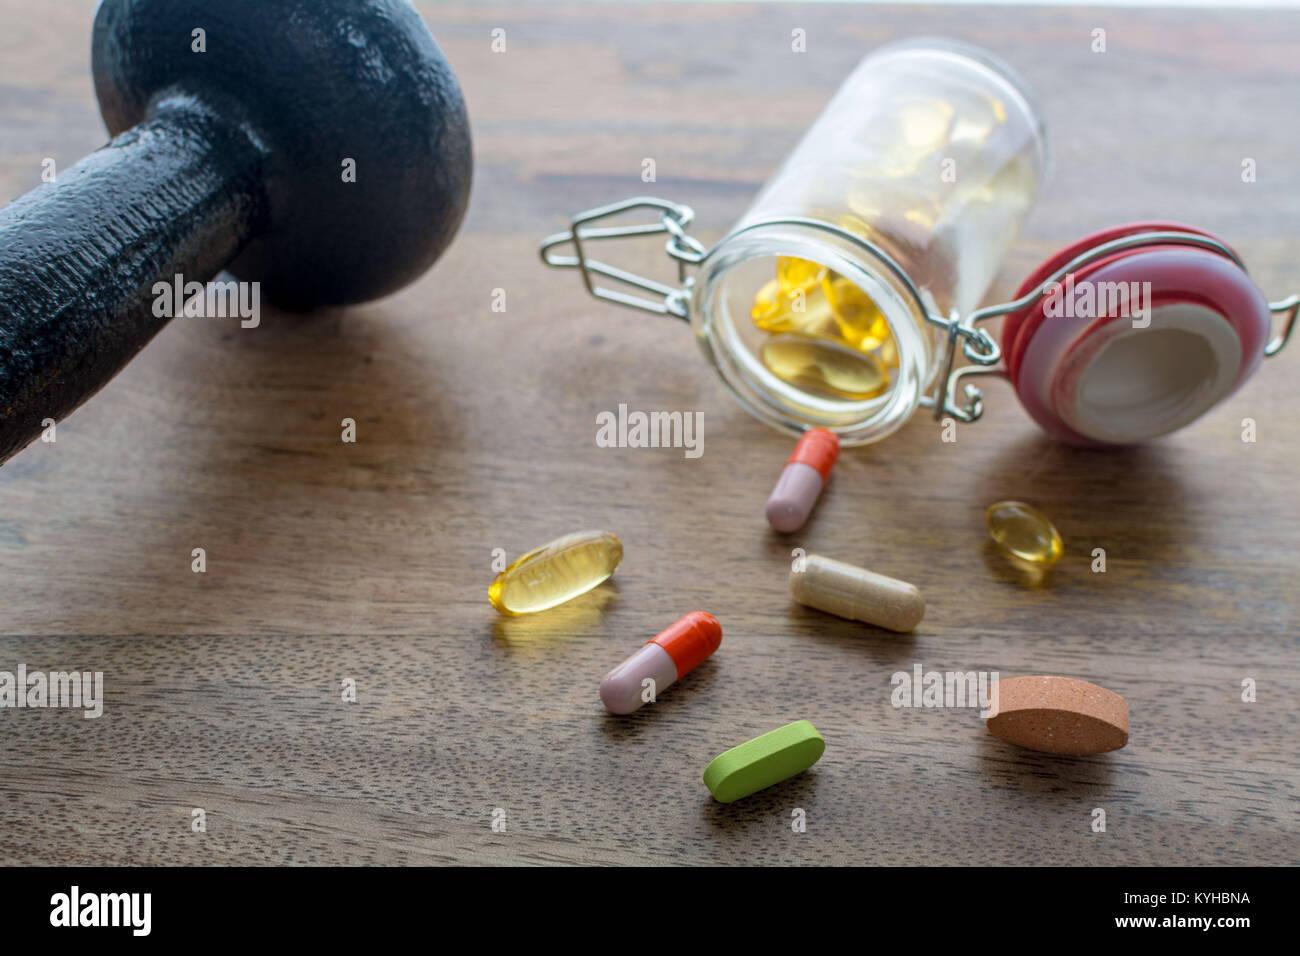 Nahaufnahme auf hantel und Nahrungsergänzungsmittel auf hölzernen Tisch: Fitness- und Gewicht-verlust Stockbild